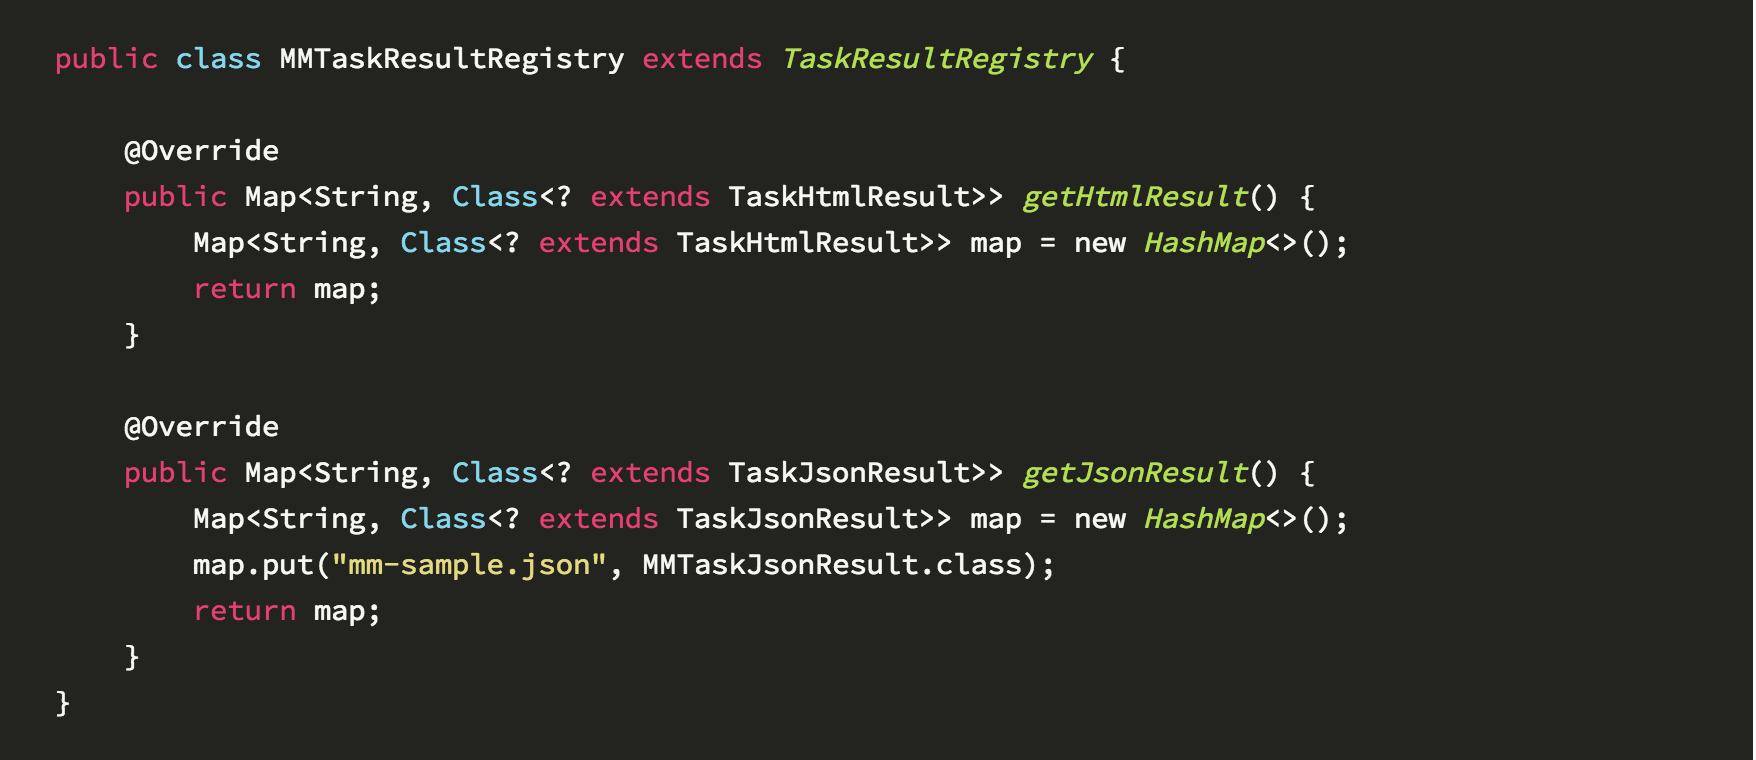 taskresultregistry